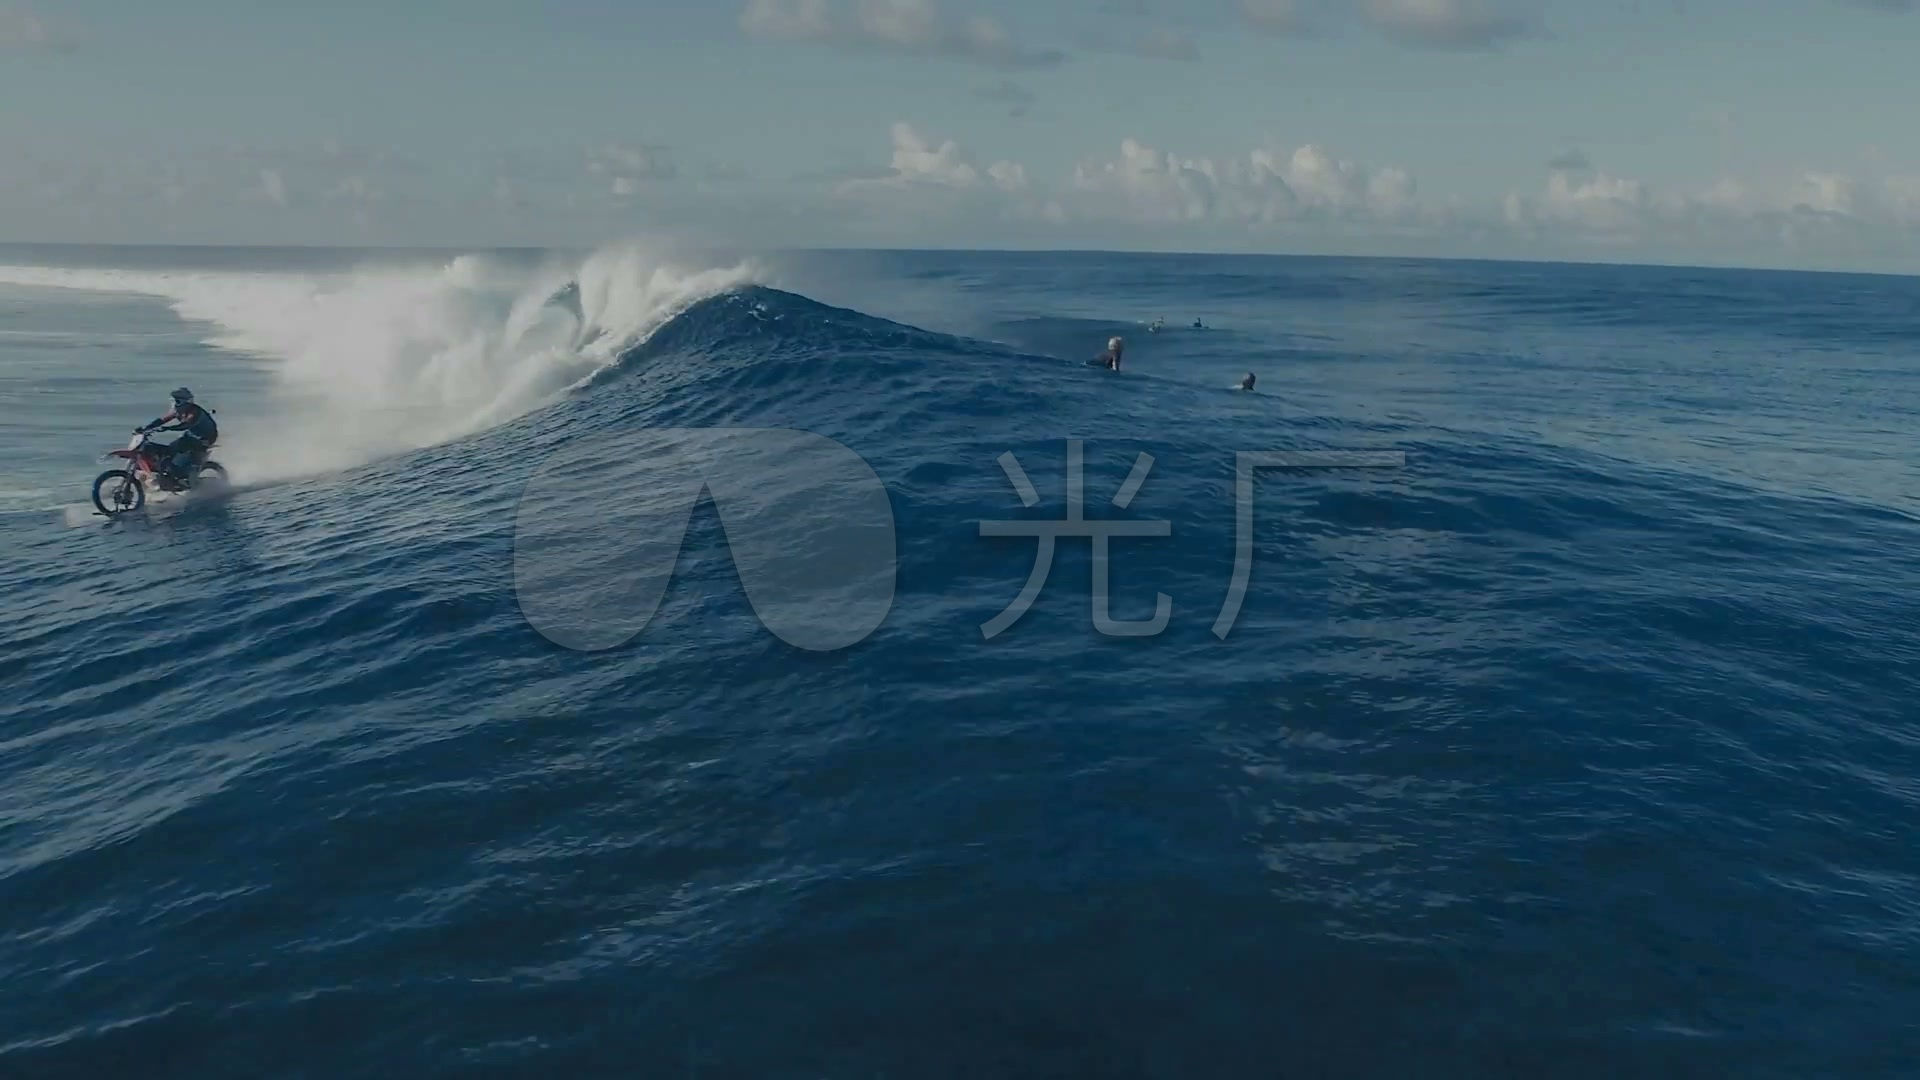 超帅摩托车网站冲浪_1920X1080_视频滑板素哩视频哔哩高清哔图片